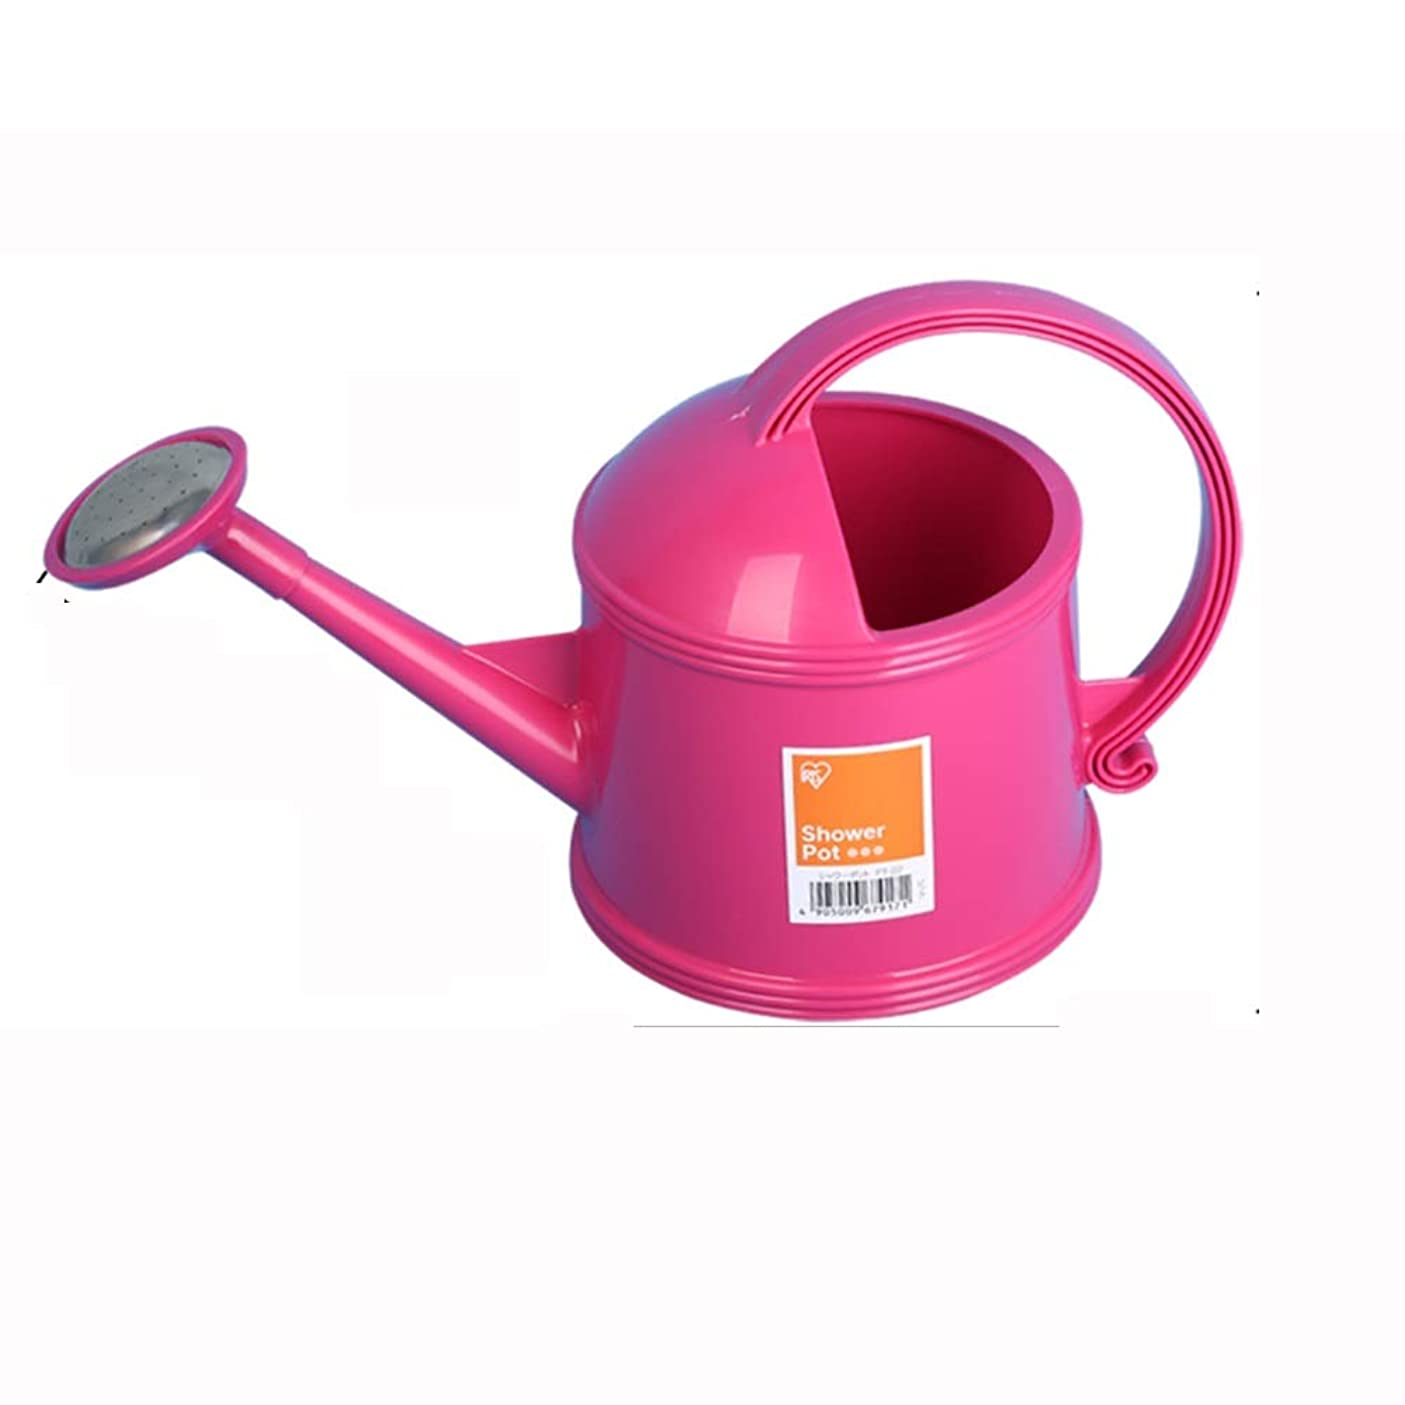 ブルジョンスコアこっそりDWFF 屋外の庭の水まきのためのじょうろでスプリンクラーヘッド - 大型プラスチックユニバーサルじょうろ、。教育の子供のための植物の水やりすることができます。缶はプラスチック水、スプリンクラー (Color : Pink, Size : 3.8L)